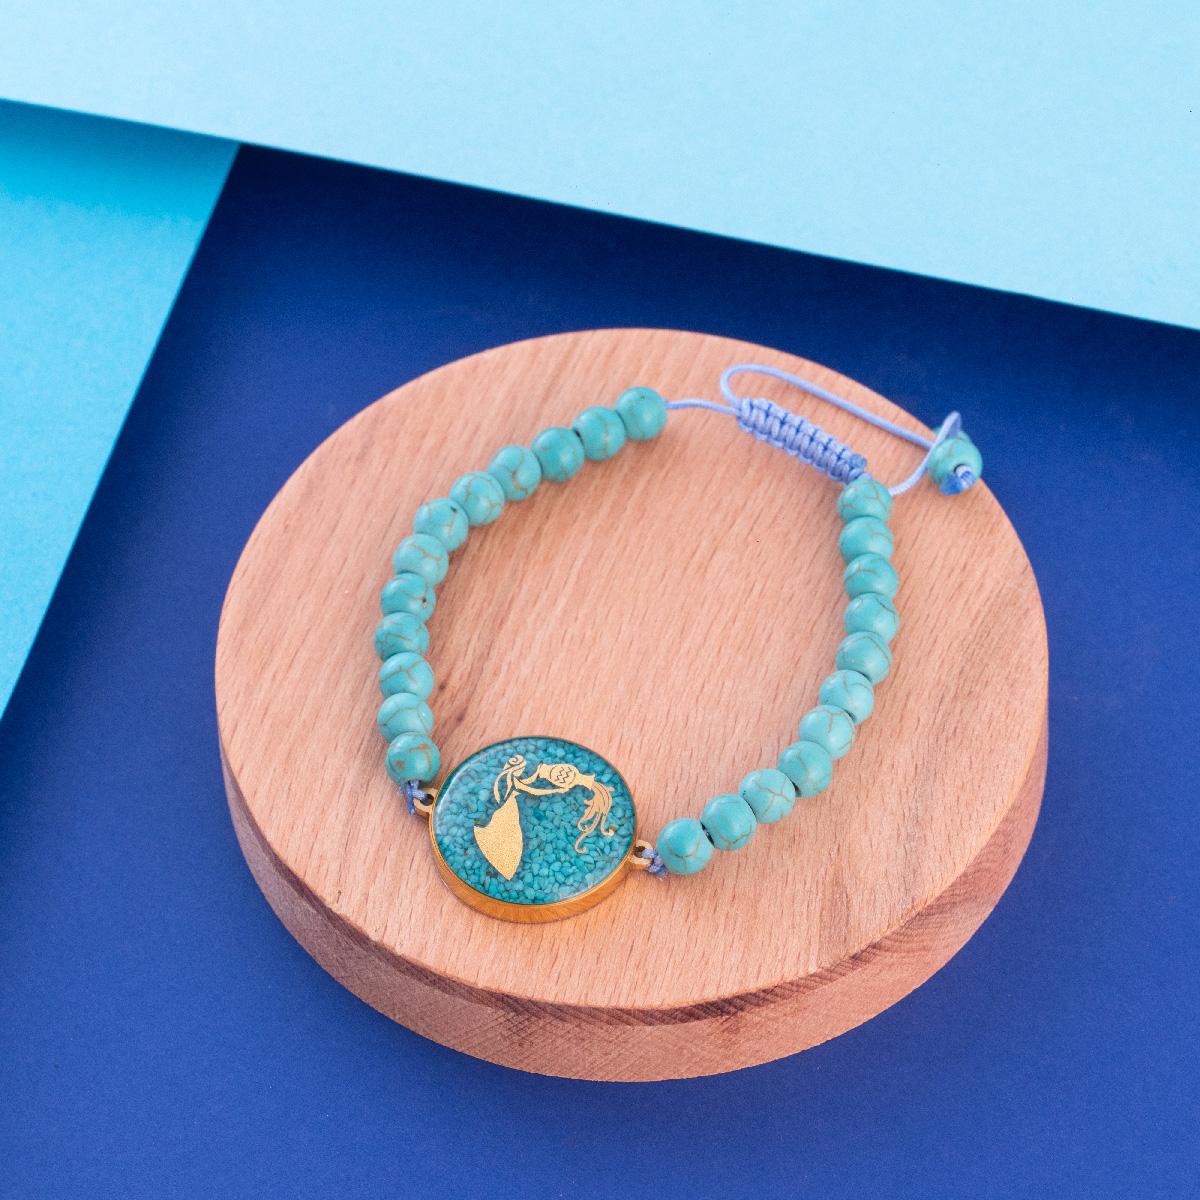 دستبند زنانه زرسام مدل ماه بهمن کد 10006983